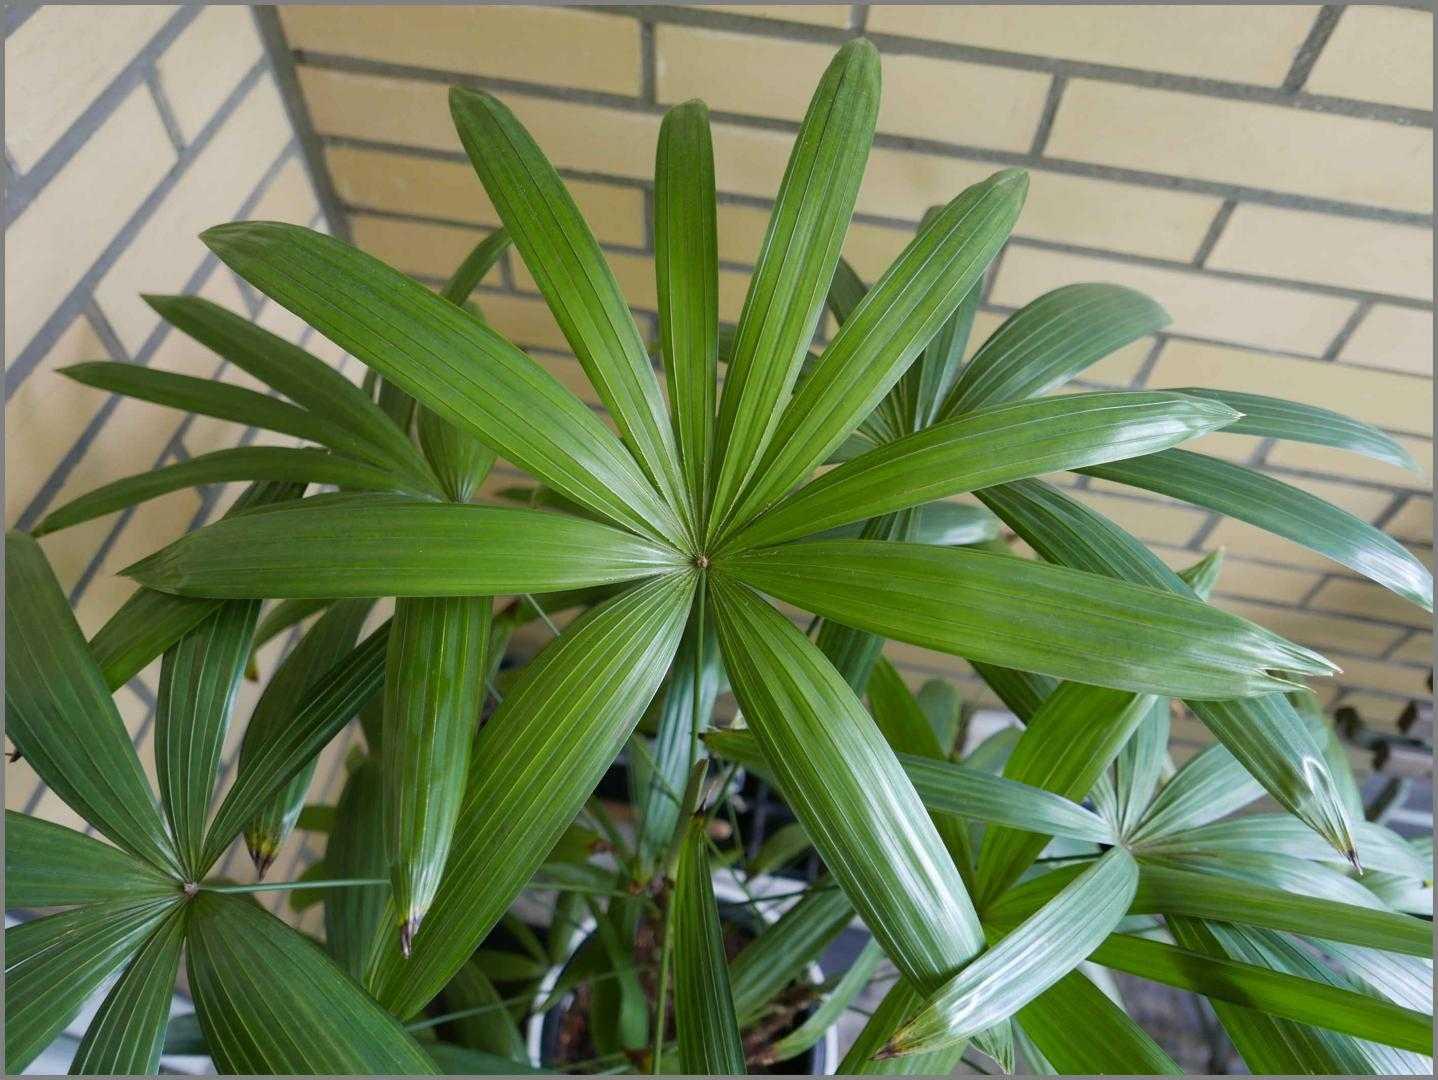 komnatnaya-palma-foto-video-vidy-palm-nazvanie-i-opisanie-rasteniya-22